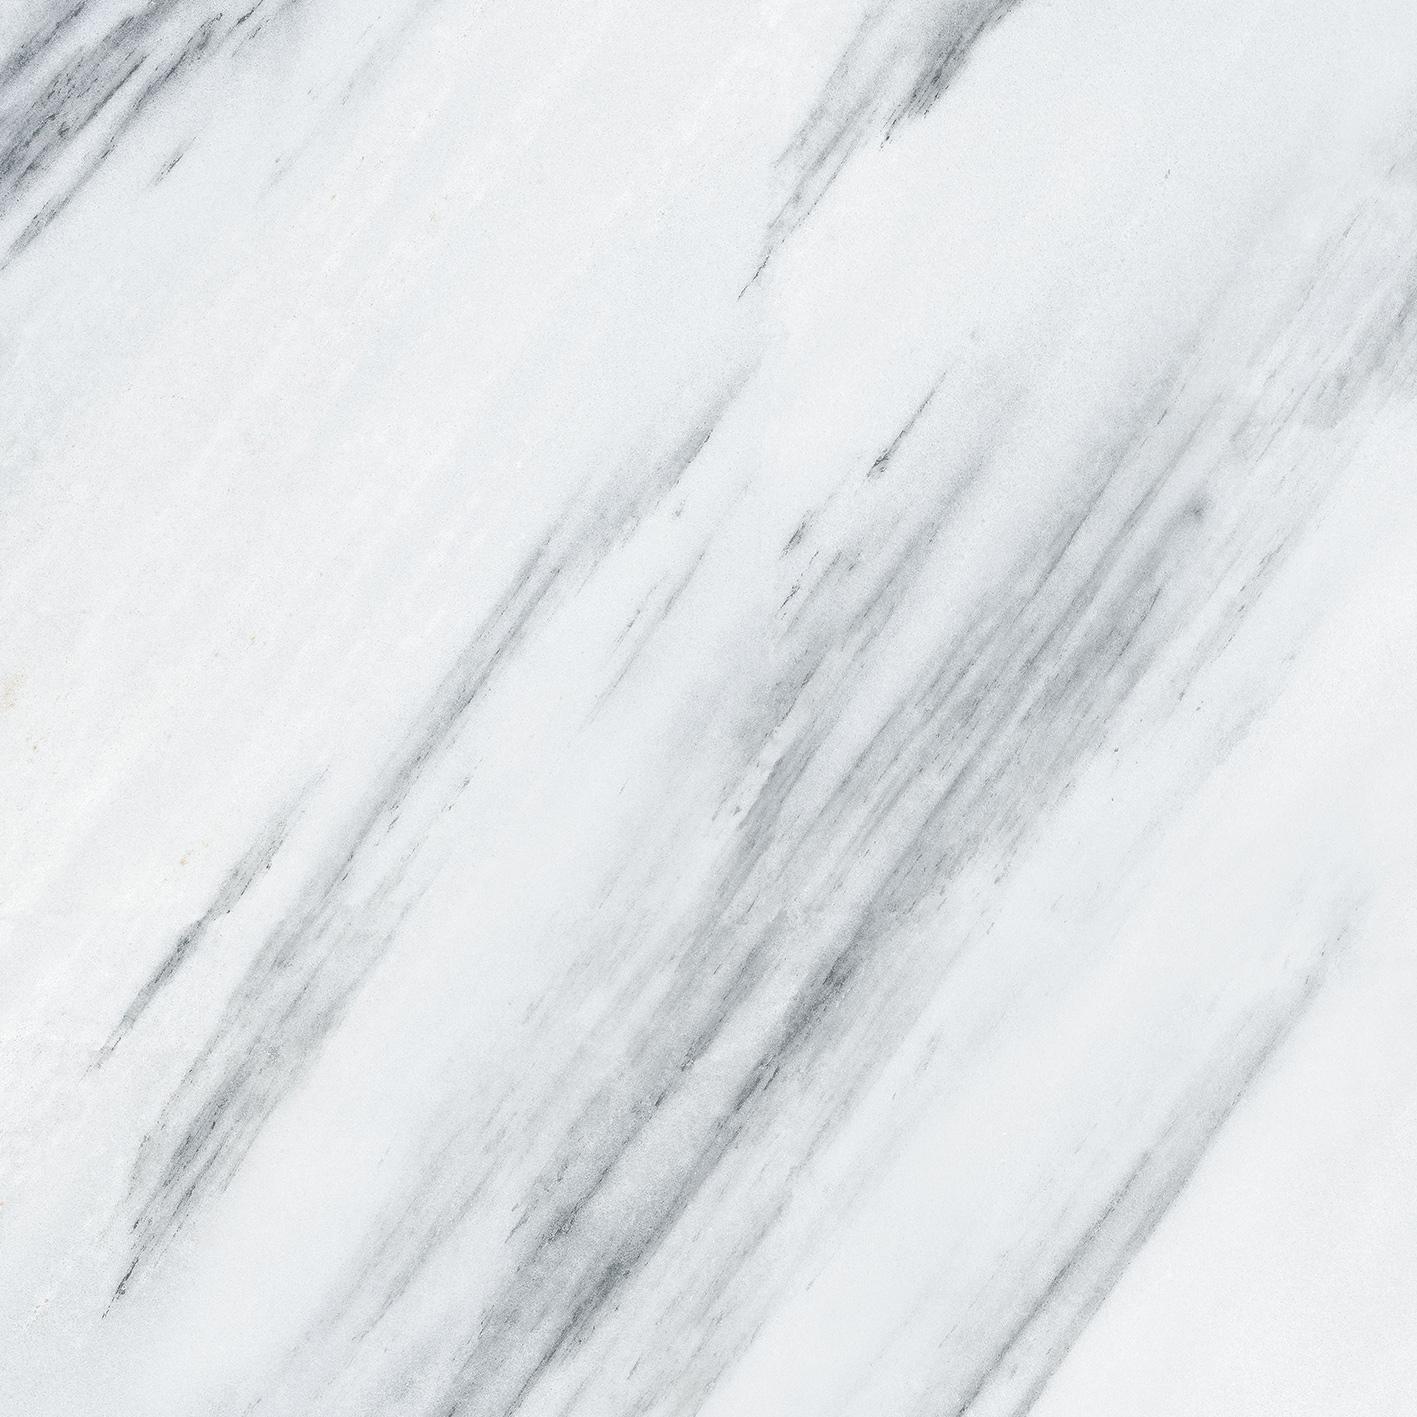 萨尔达 HYEG80026,800x800mm